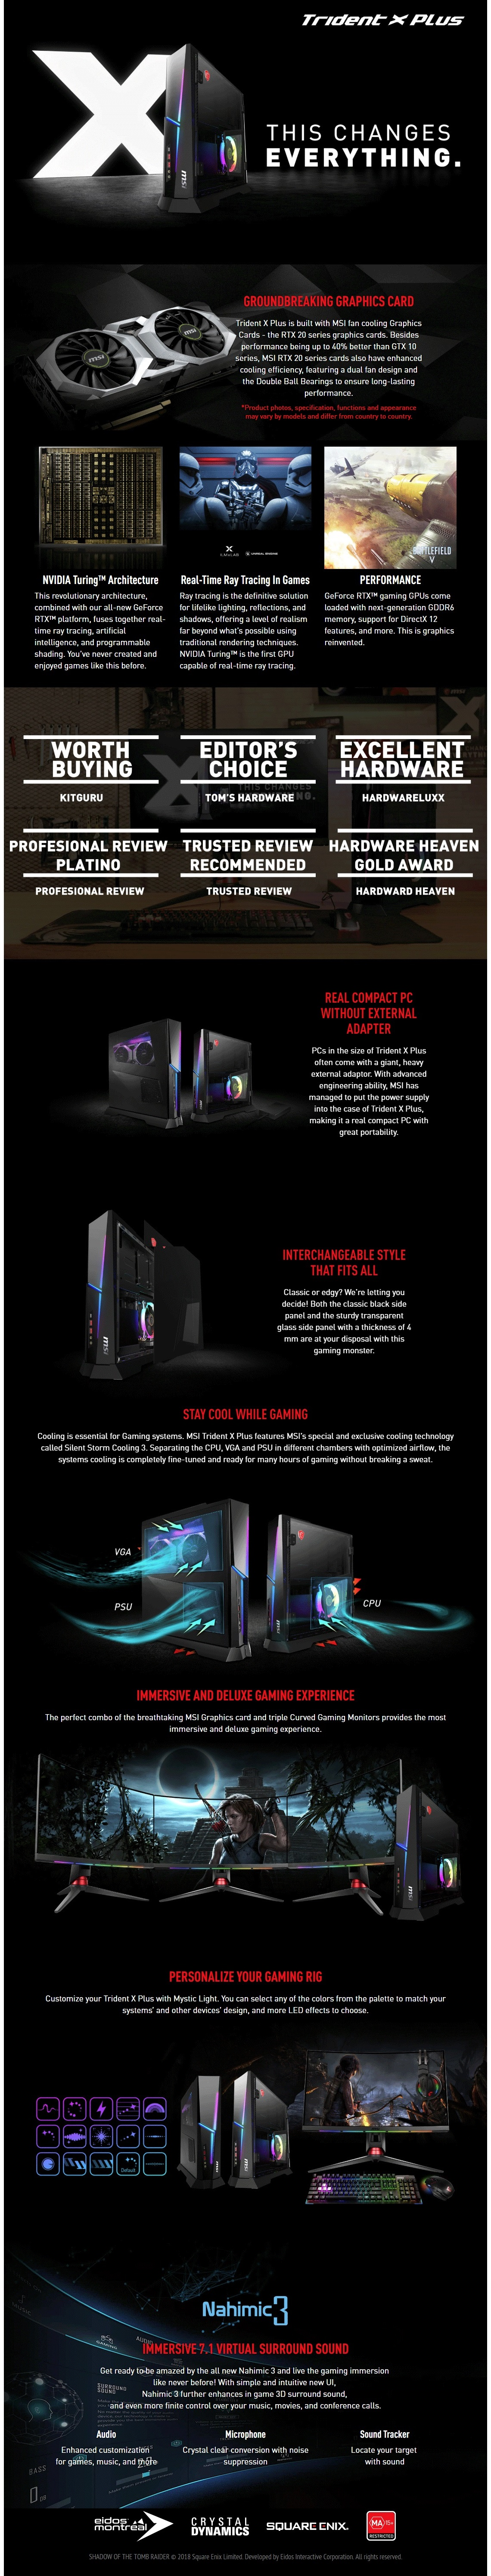 MSI Trident X Plus Gaming Desktop Intel i7-9900K 32GB RAM 2TB+512GB SSD RTX2080